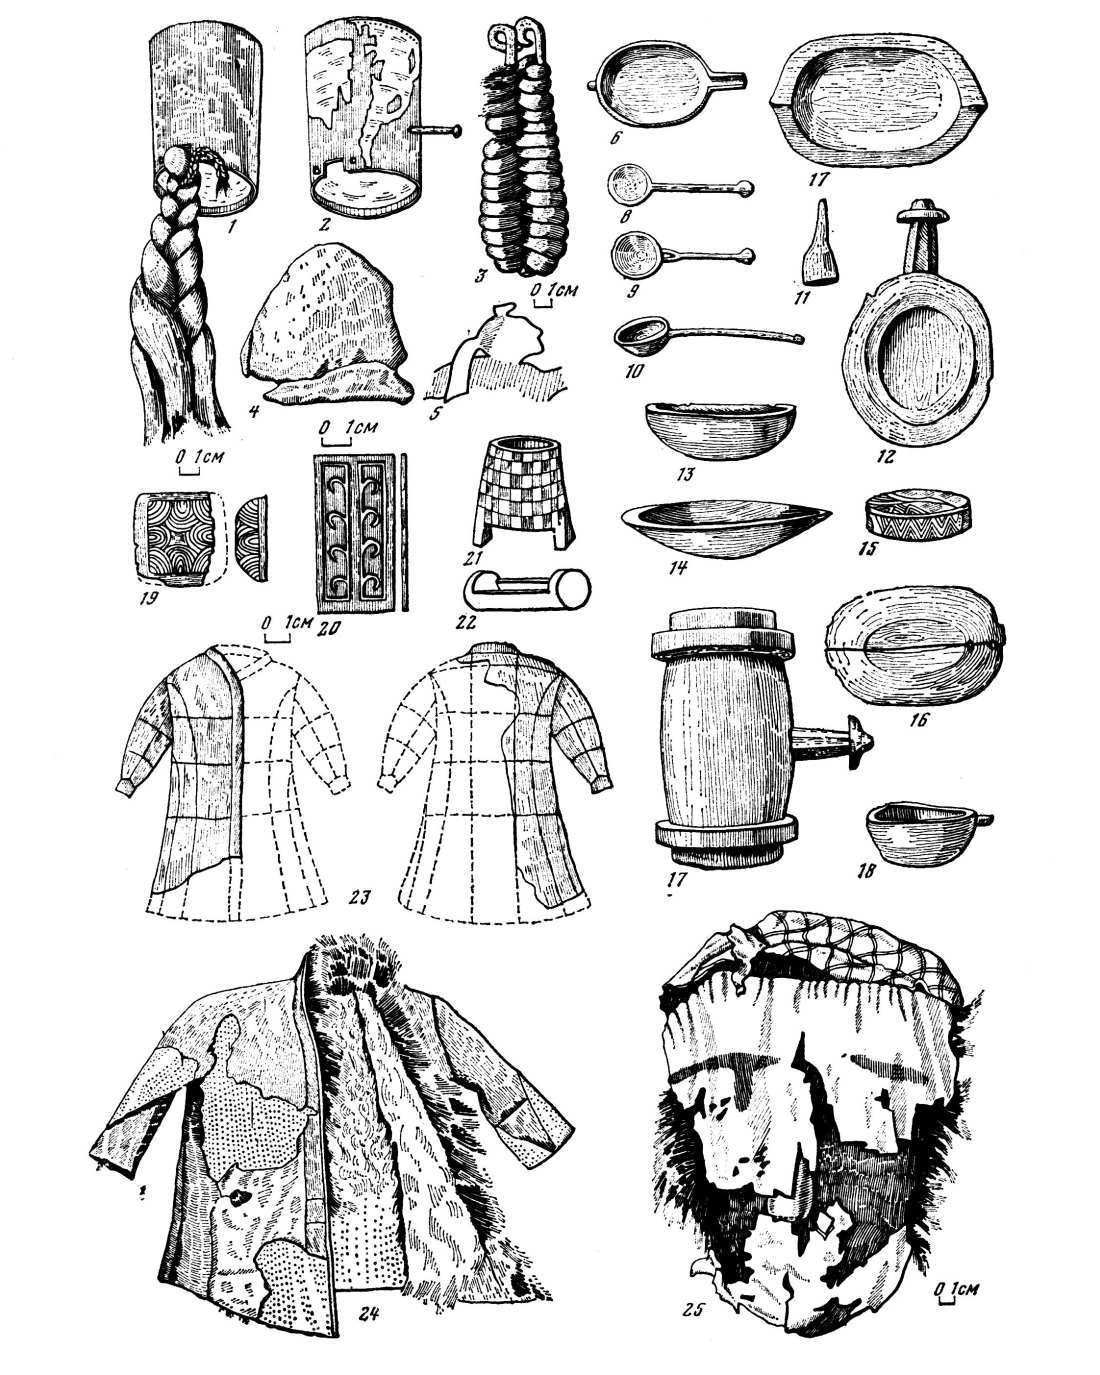 Таблица 99. Таштыкская культура. Одежда, утварь, реконструкция причесок.